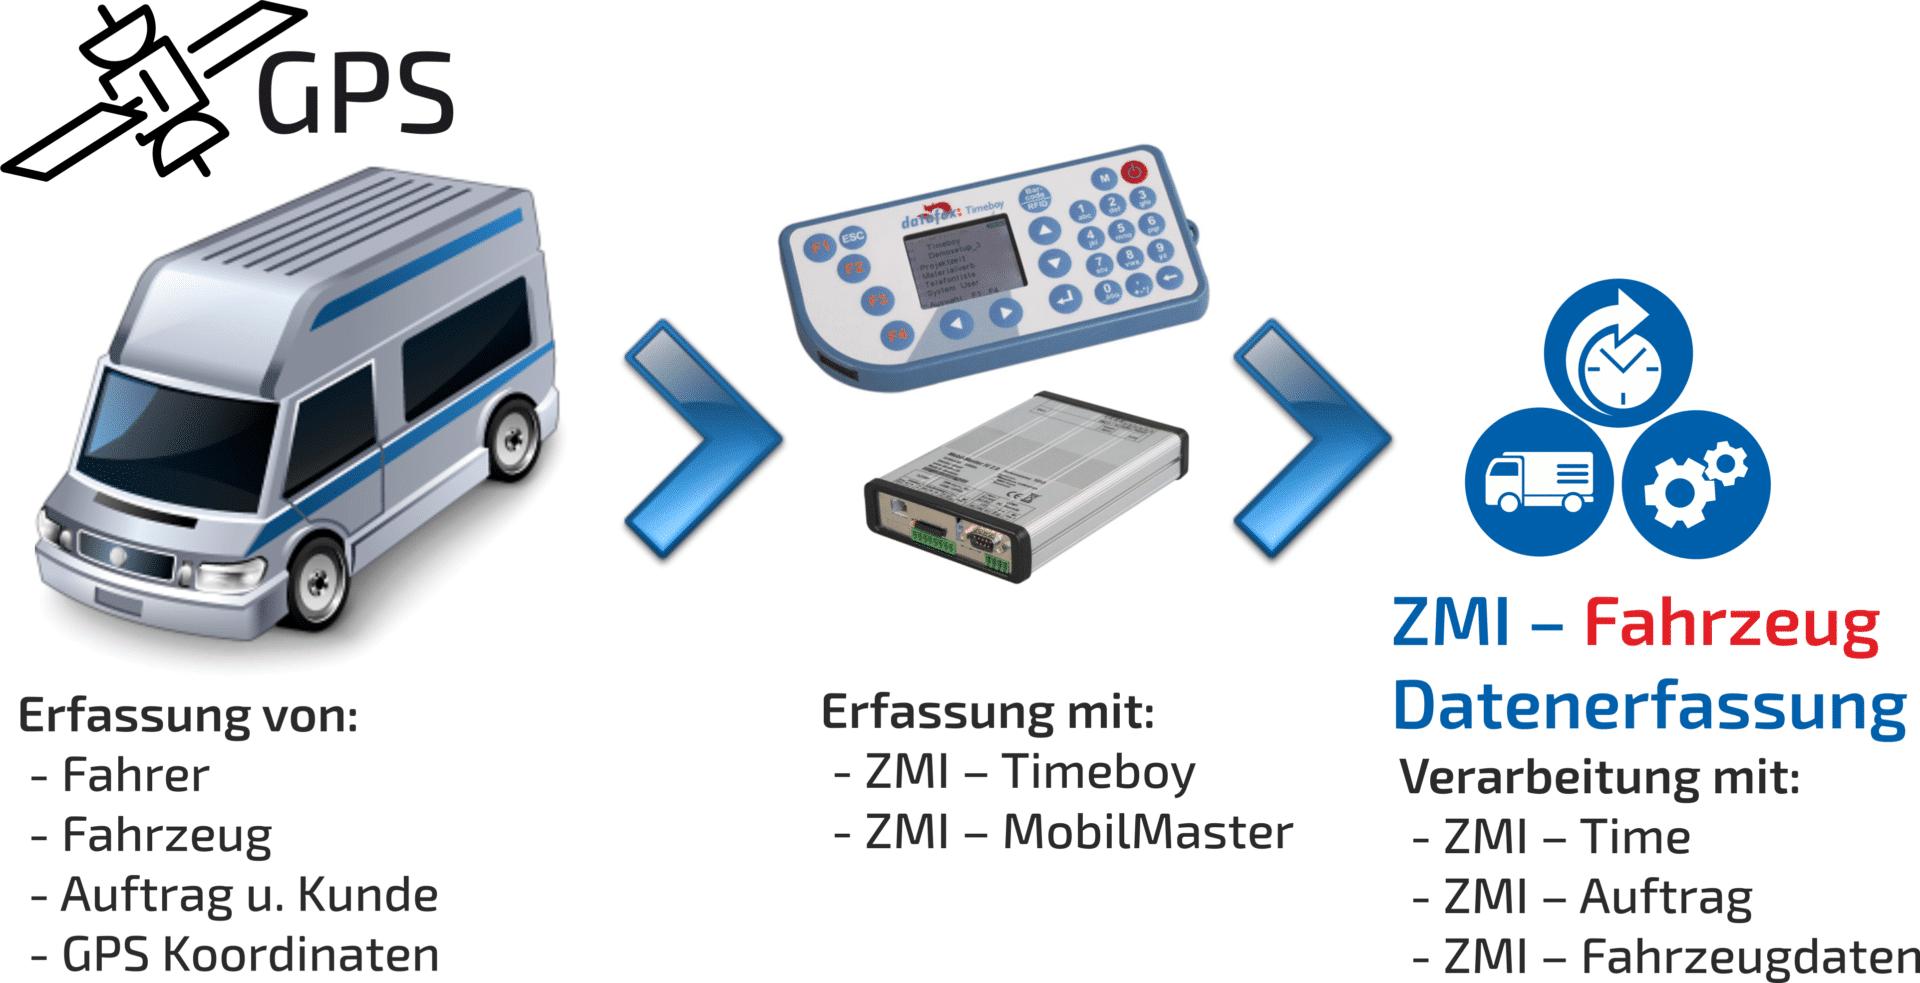 ZMI Fahrzeugdatenerfassung